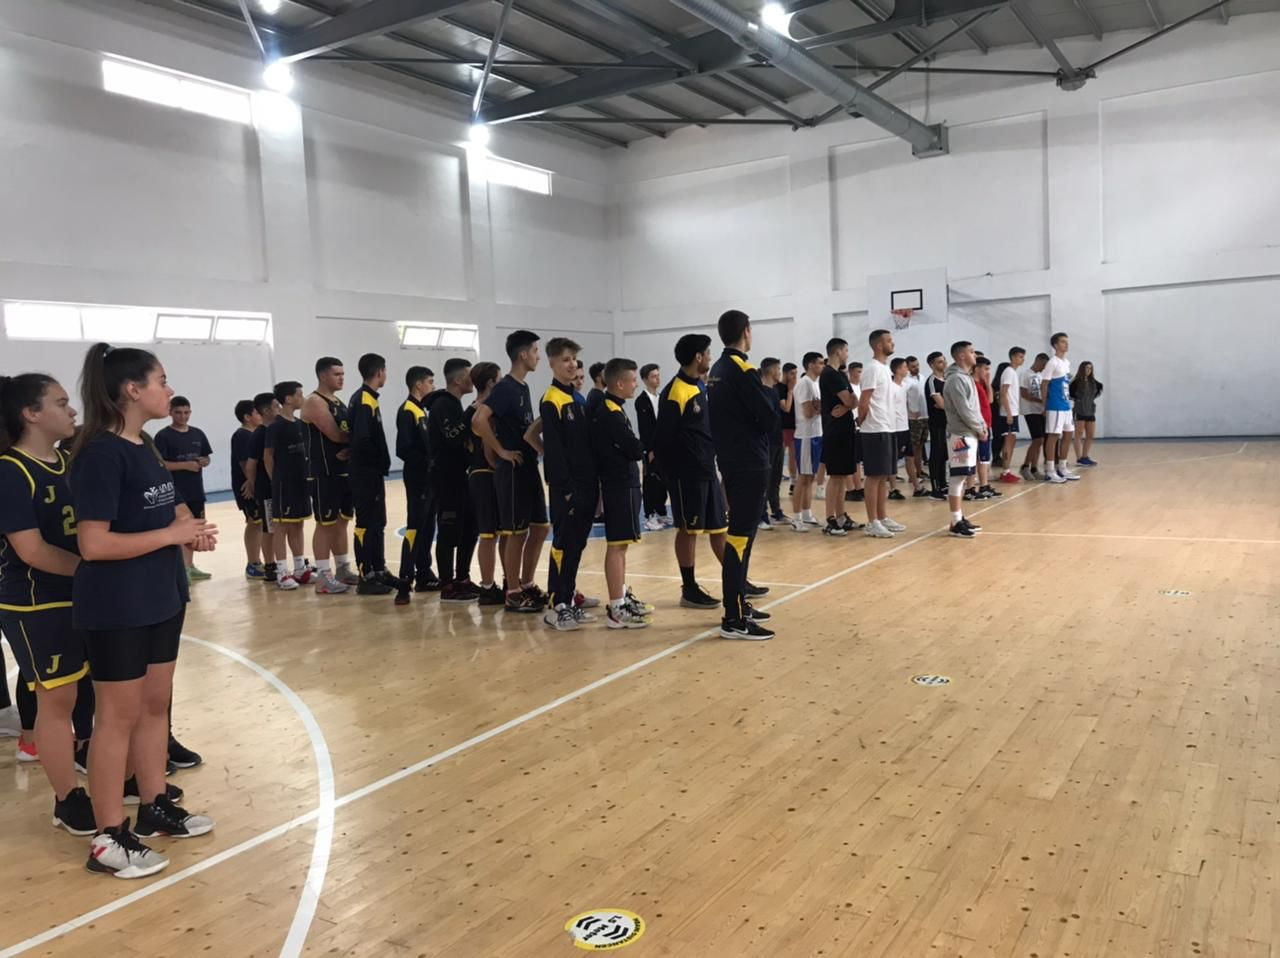 """Në shtator rifillojnë aktivitet sportive te qendra """"Juvenilia"""" në Durrës (FOTO)"""